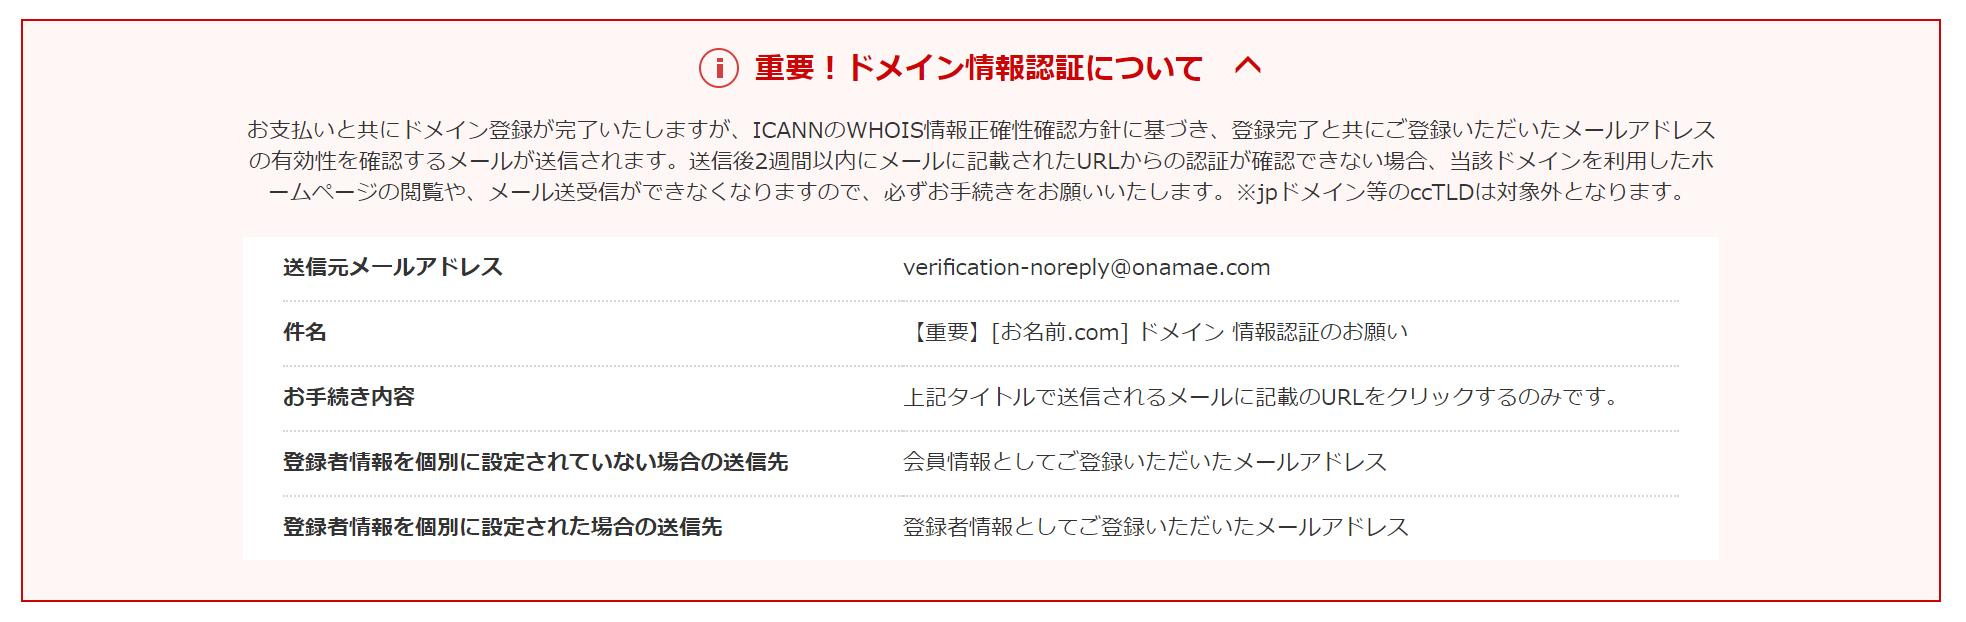 【お名前.com】ドメイン情報認証依頼画面